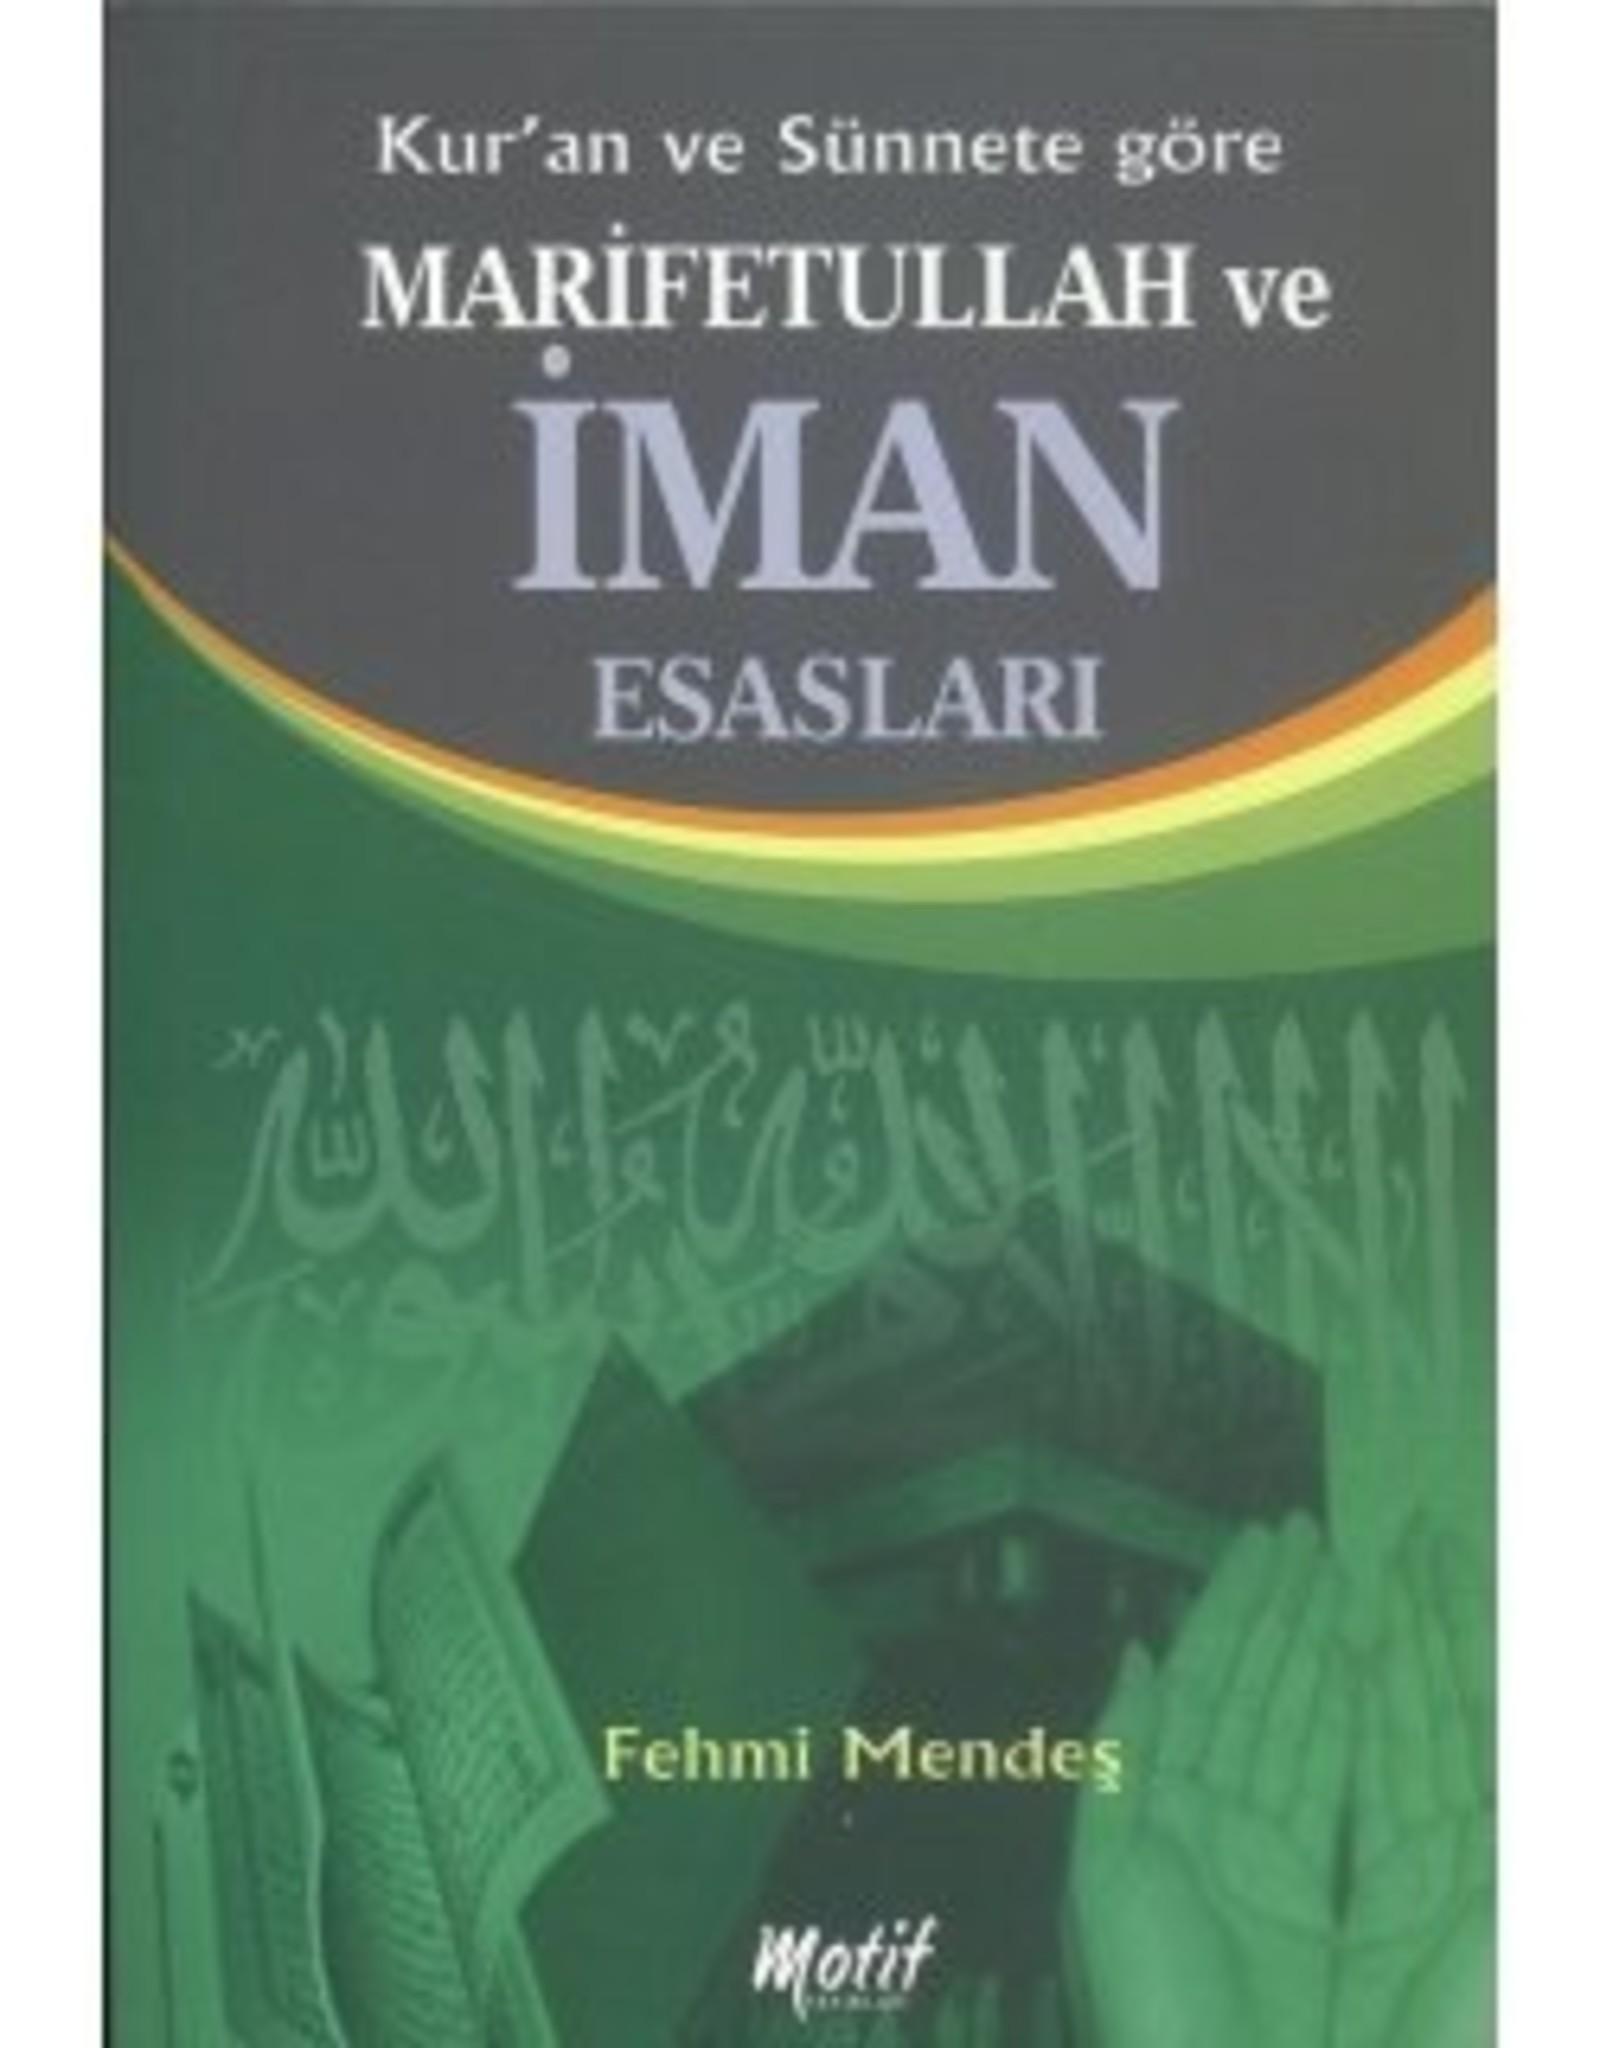 Kur'an ve Sünnete Göre Marifetullah ve Iman Esasları